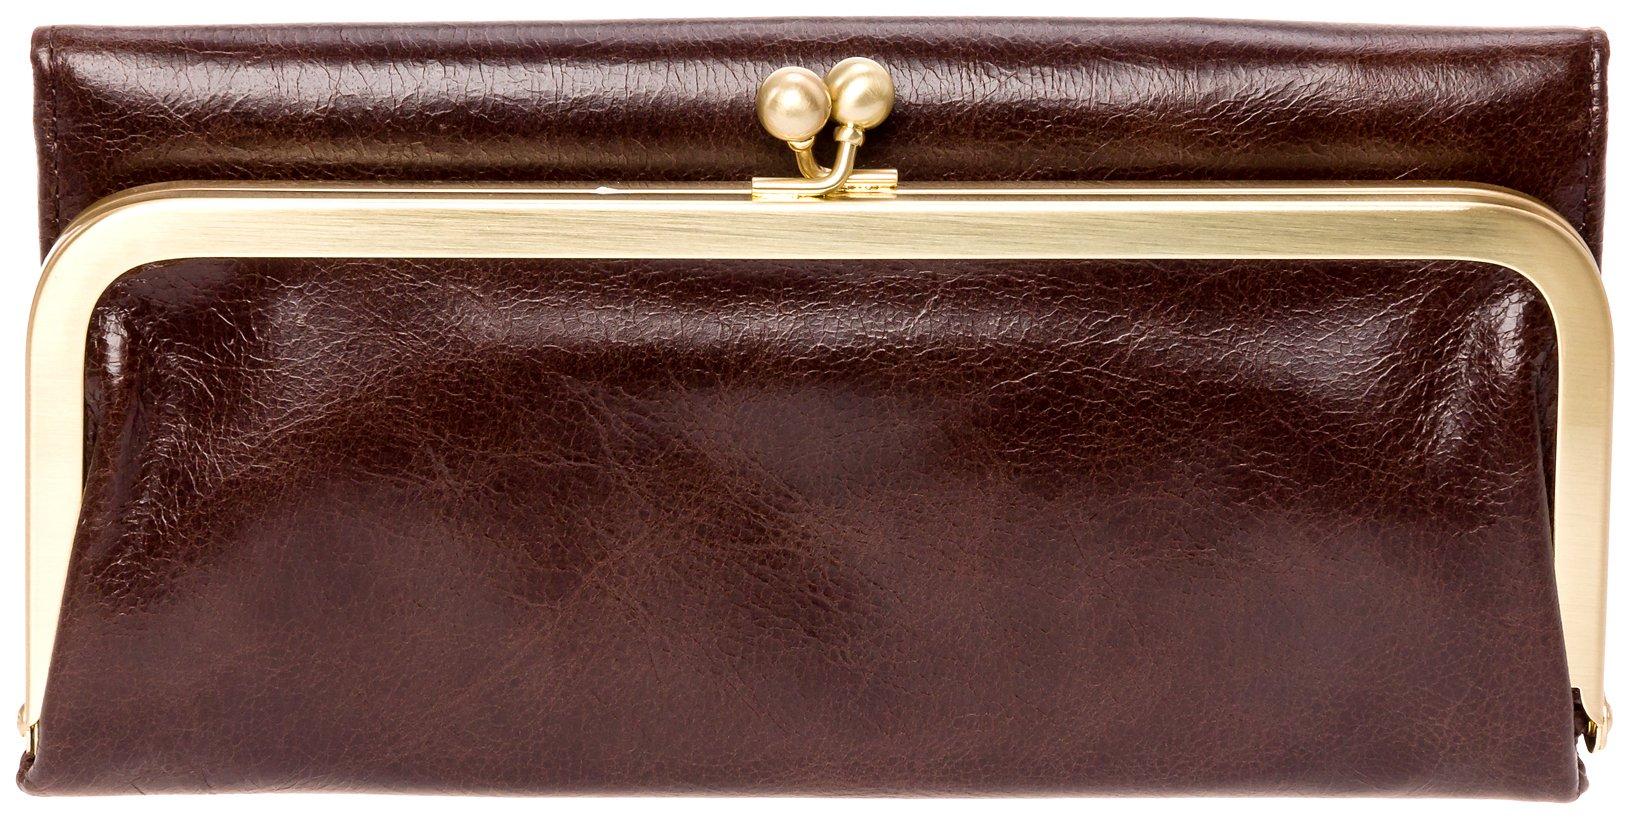 Hobo Womens Rachel Vintage Wallet Leather Clutch Purse (Espresso)